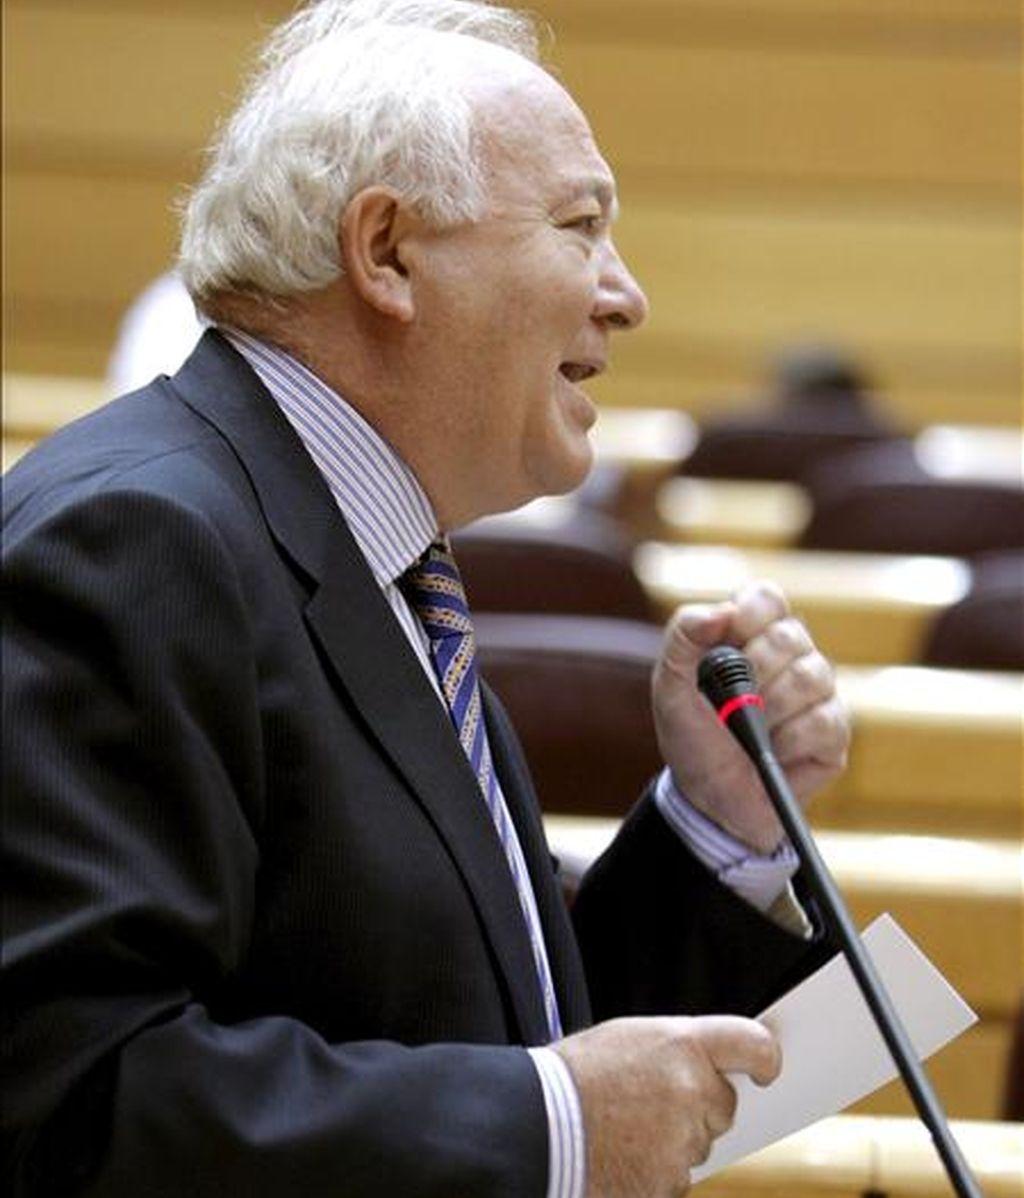 El ministro de Asuntos Exteriores y Cooperación, Miguel Ángel Moratinos, durante una sesión. EFE/Archivo